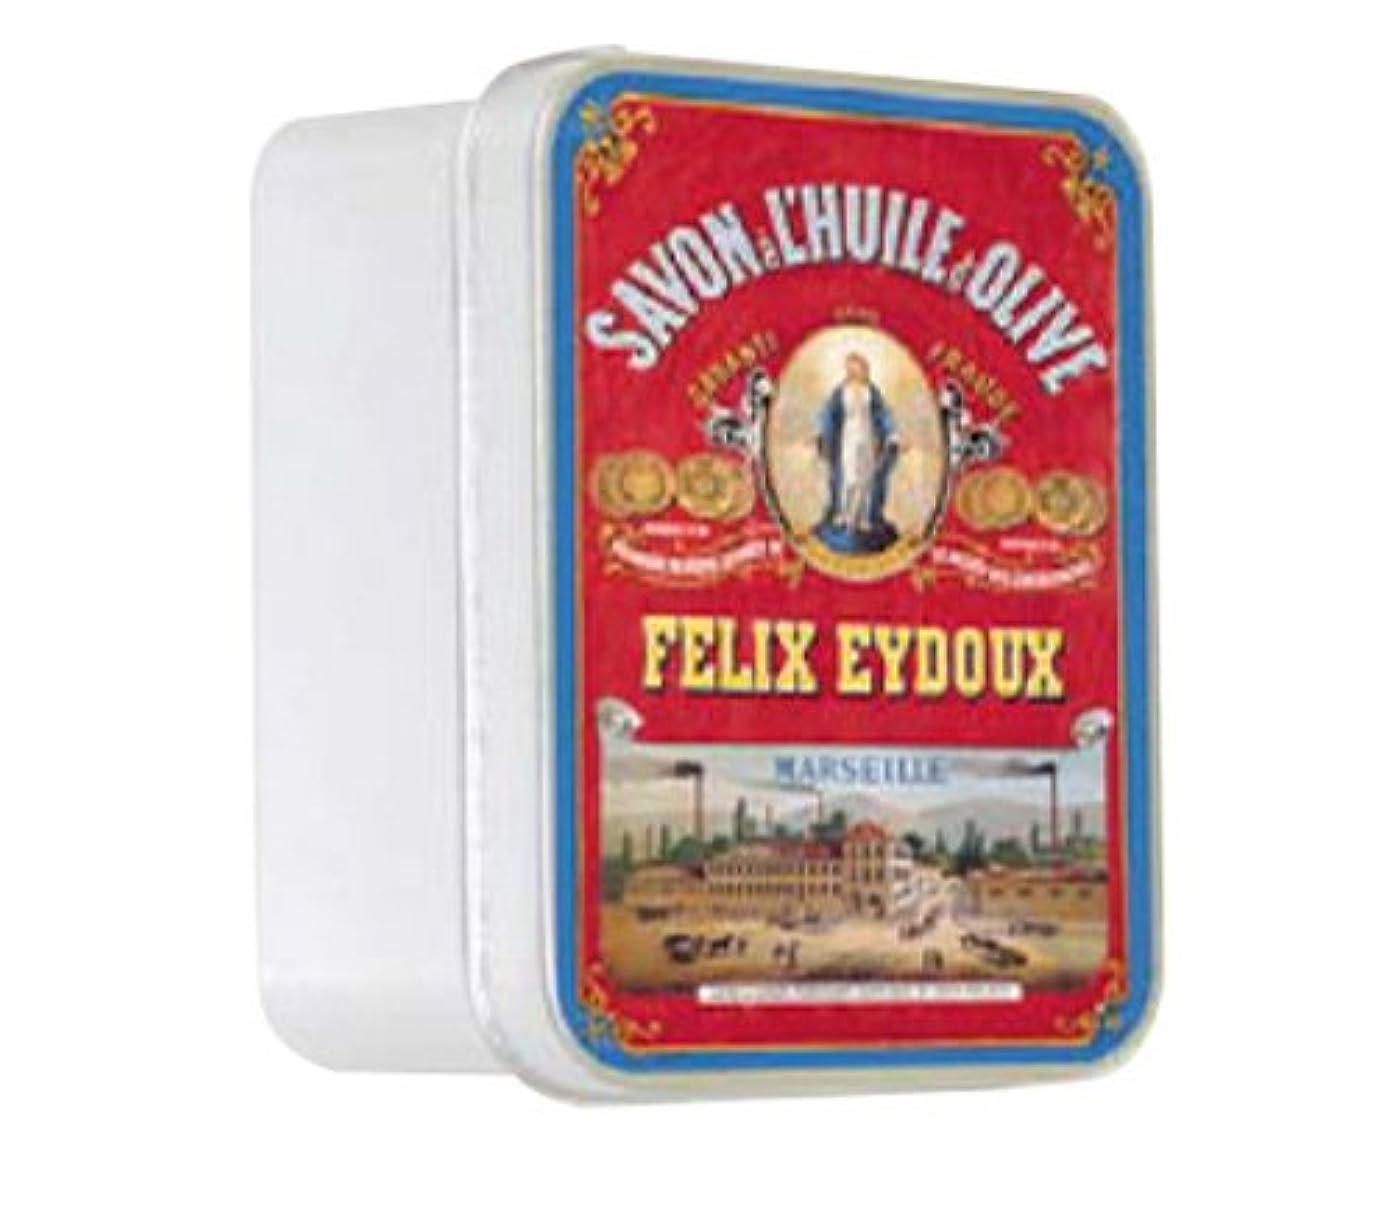 パンフレットどこカートンルブランソープ メタルボックス(マルセイユソープ?オリーブの香り)石鹸